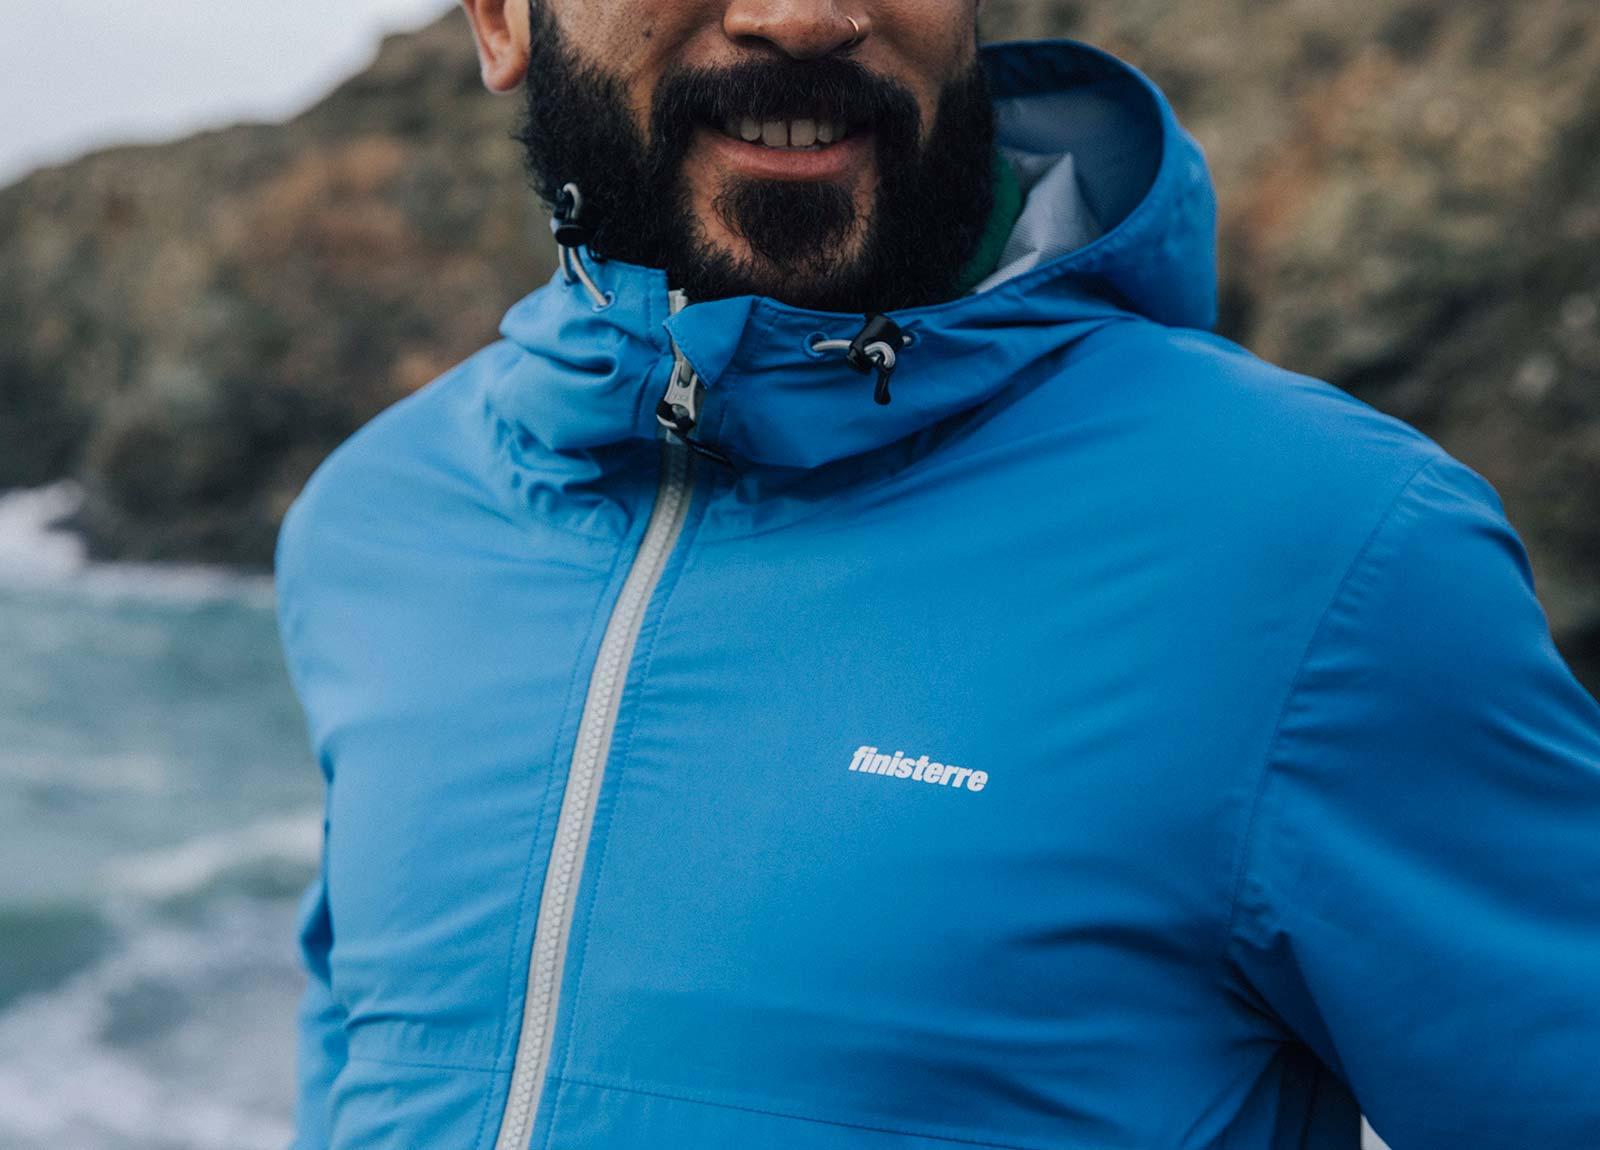 Fully waterproof aquaguard zip keeps water out from the Rainbird waterproof jacket.